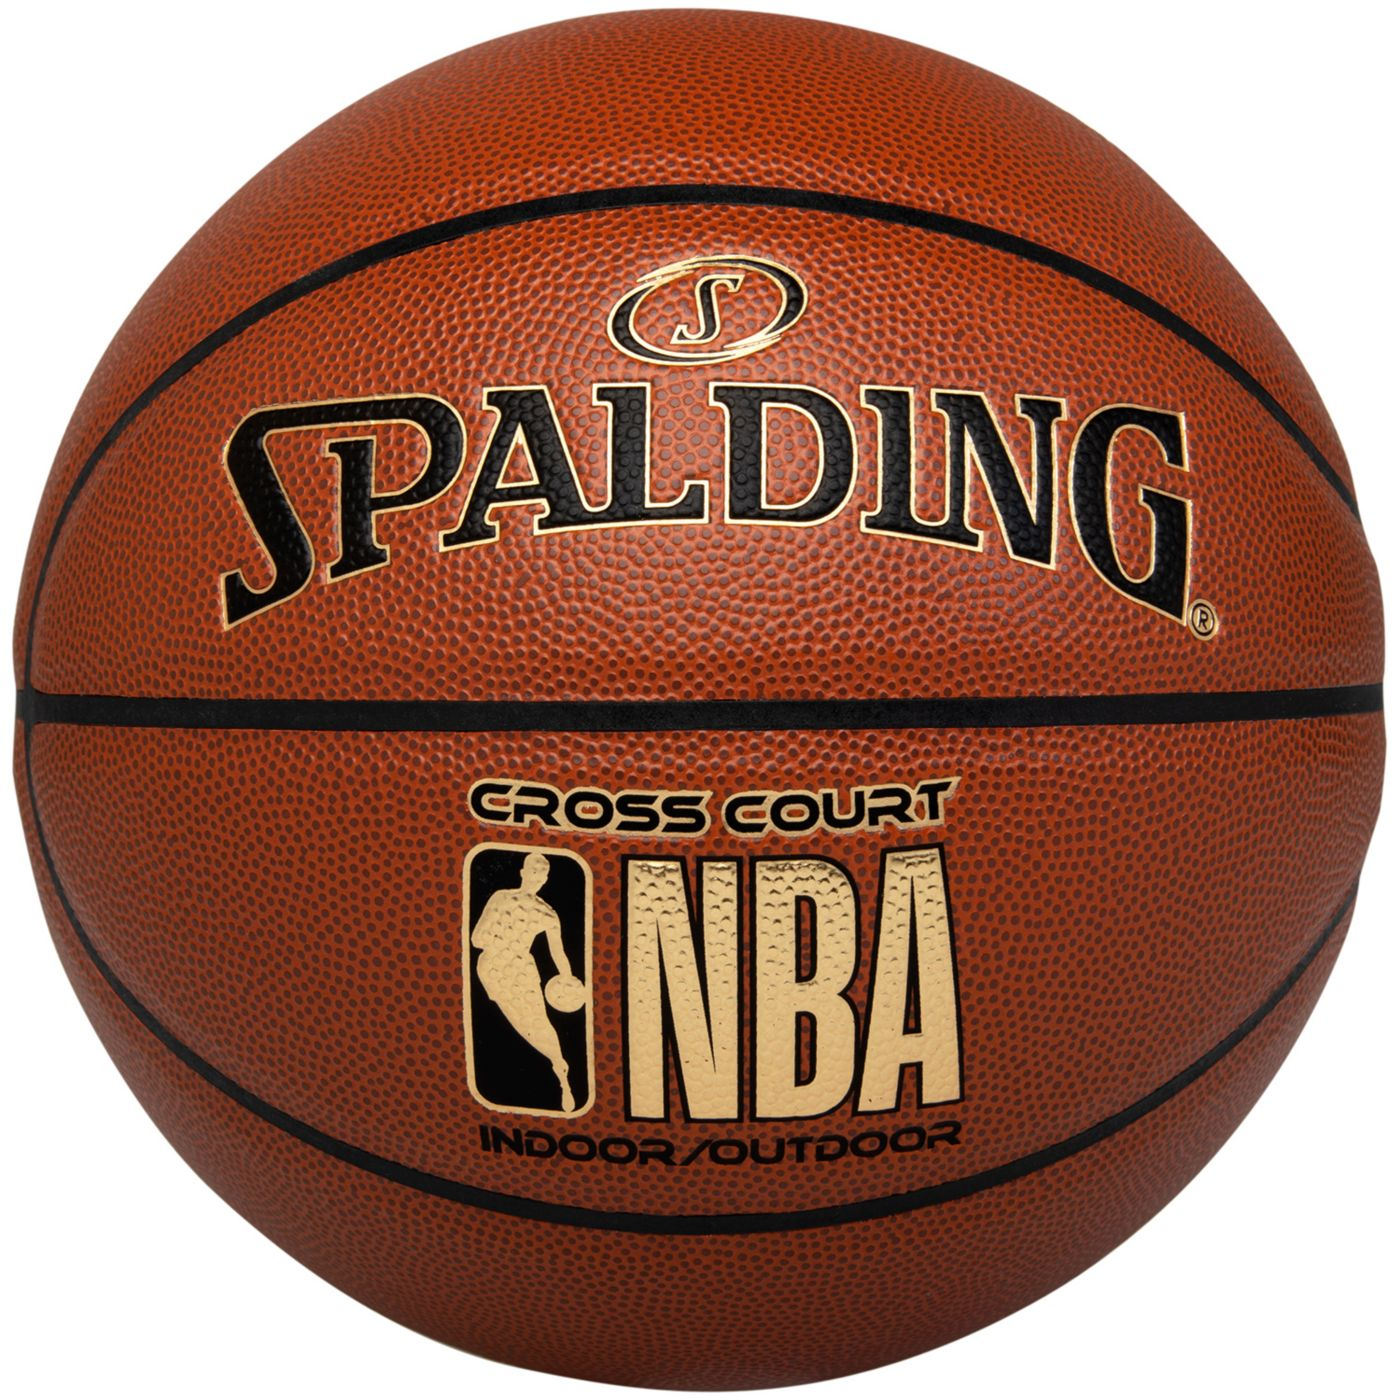 """Spalding NBA Cross Court Official Basketball (29.5"""")"""